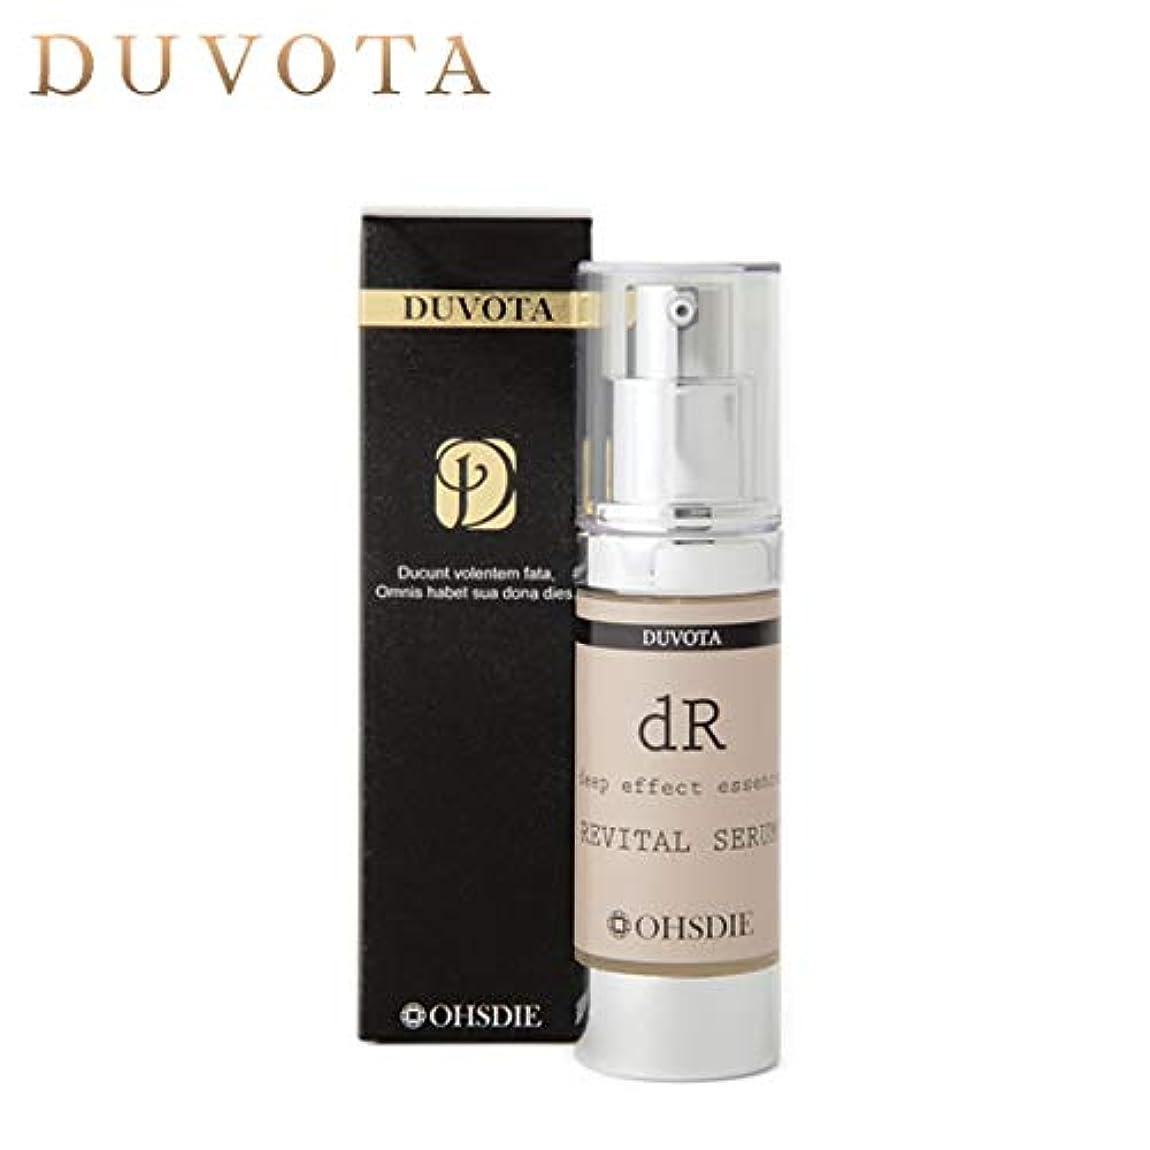 一晩解決理想的EGF 幹細胞 美容液 DUVOTA(ドゥボータ)ディープエフェクトエッセンスDリバイタルセラム 30ml / 馬プラセンタ ナールスゲン エレクトロポーション導入 エクラフレーズ 美顔器 リフトアップ 敏感肌 おすすめ